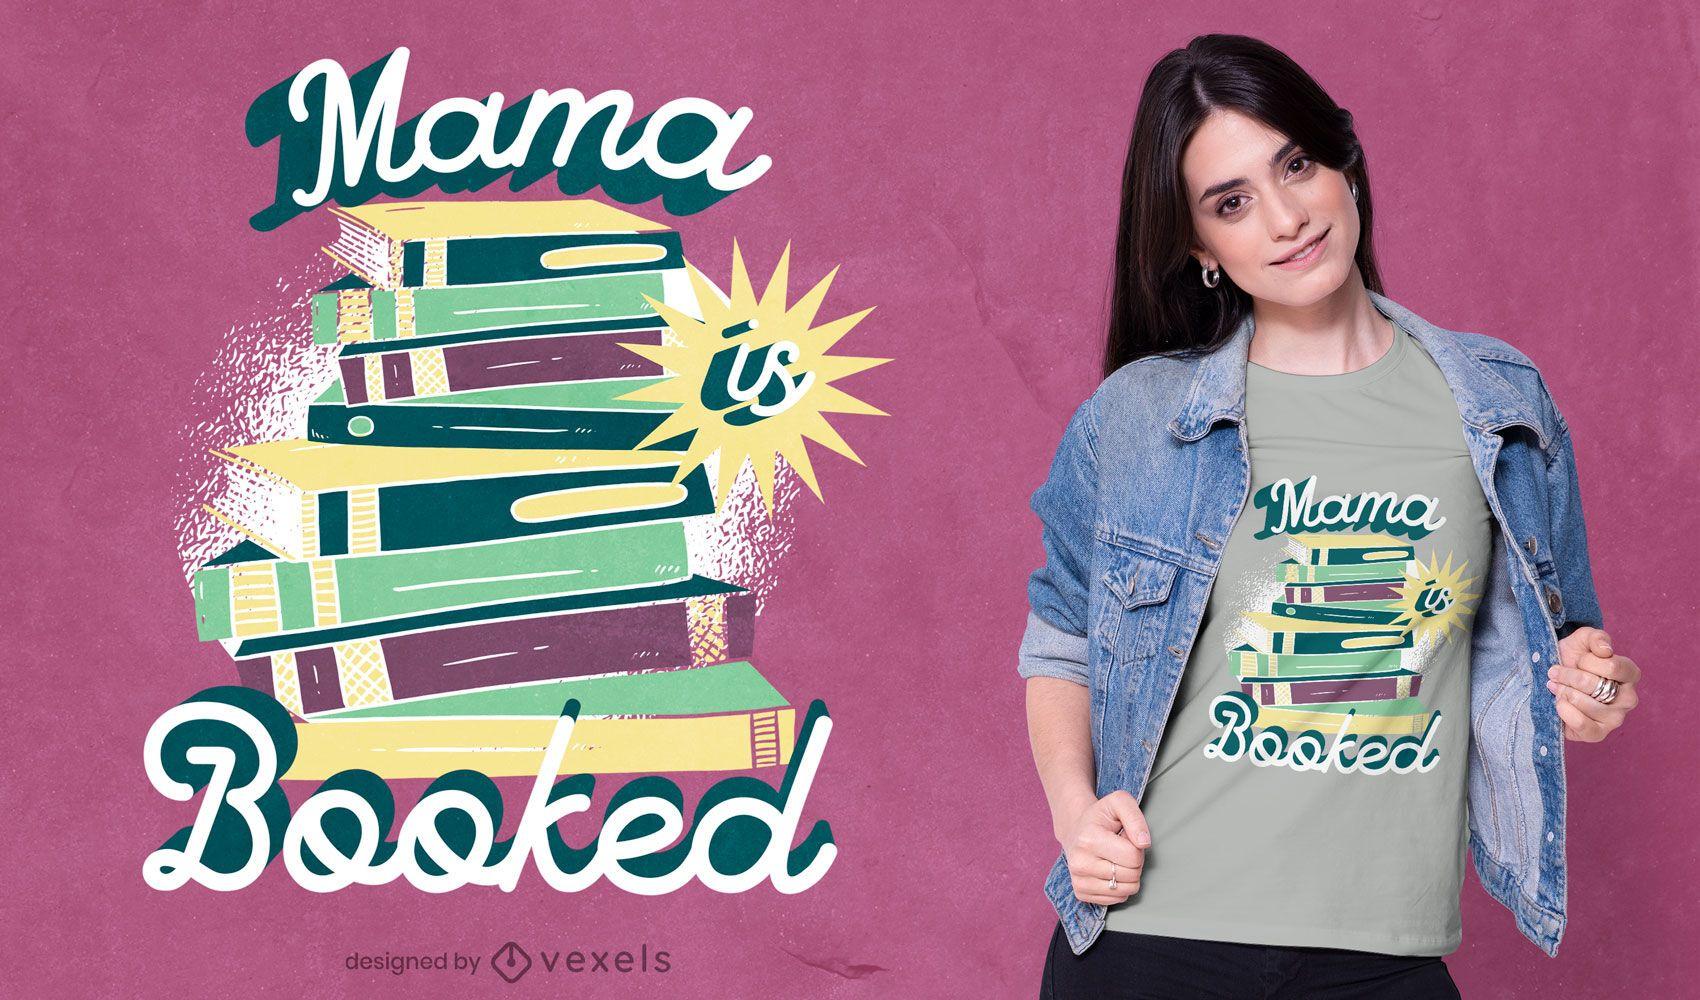 Book pile vintage lettering t-shirt design